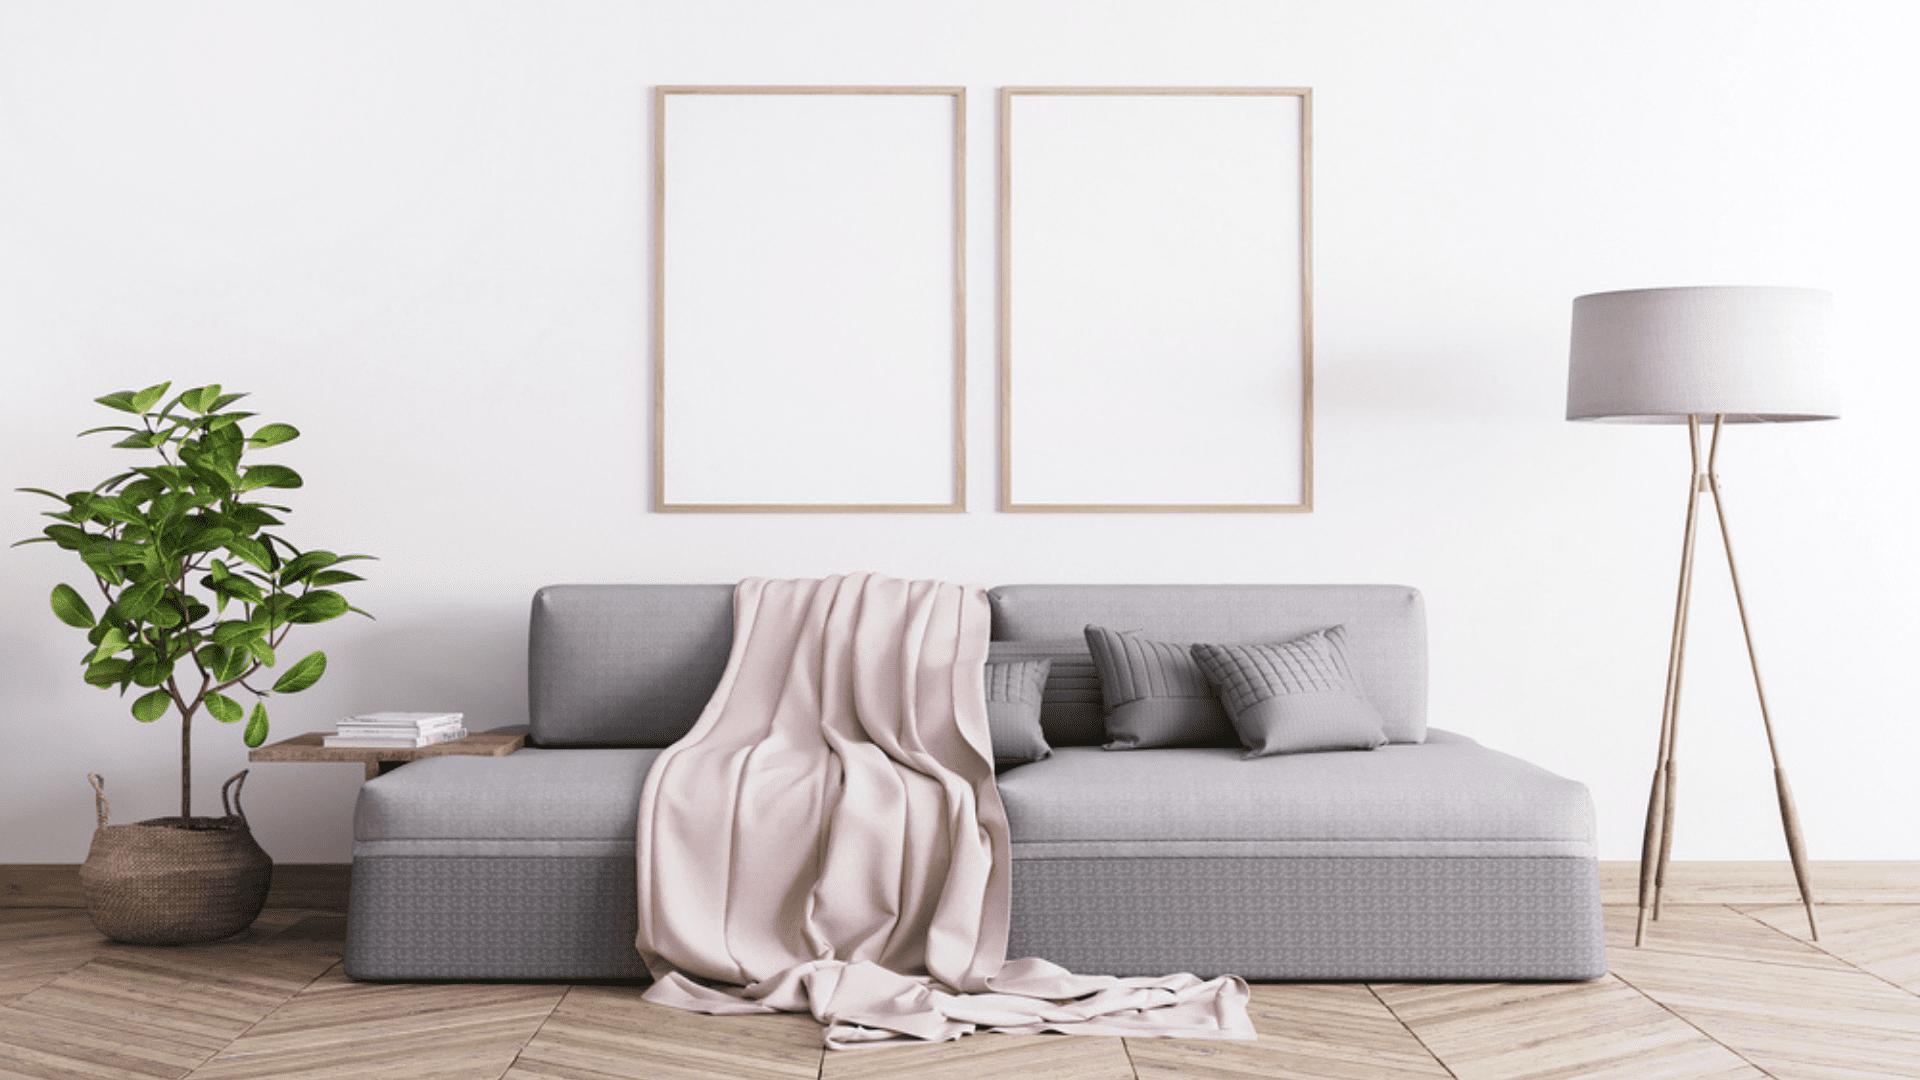 Confira outras dicas que preparamos para a decoração da sua sala (Imagem: Reprodução/Shutterstock)